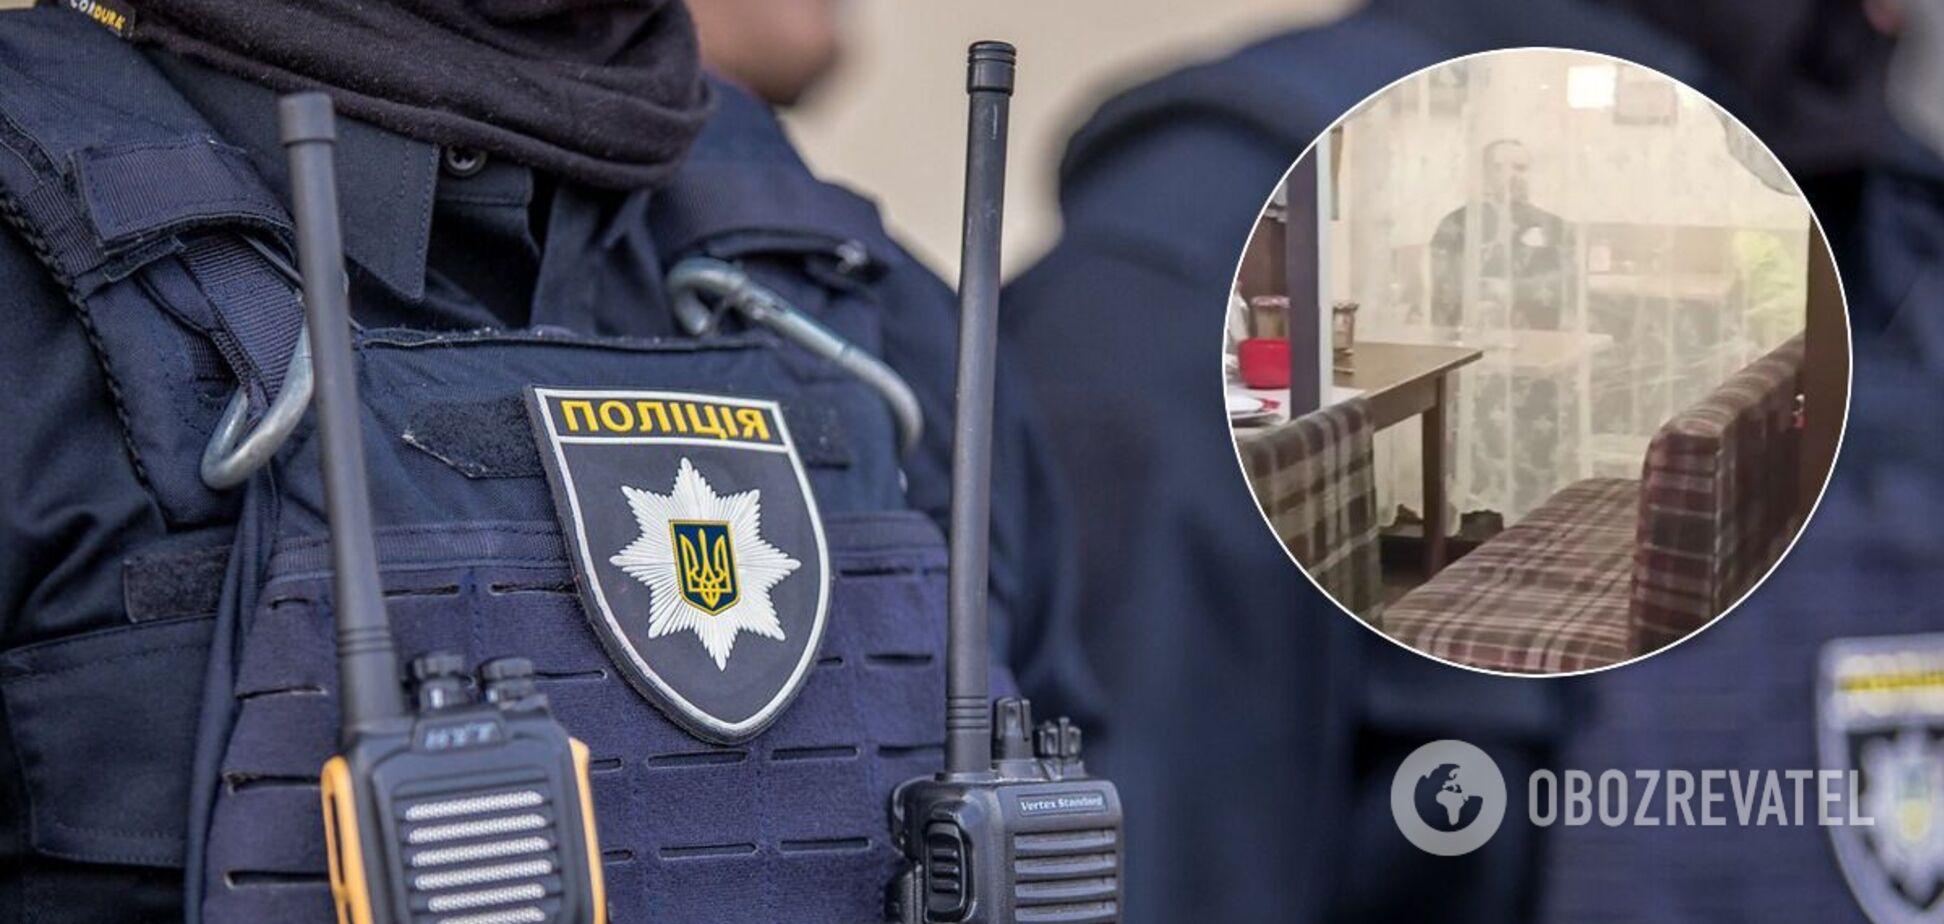 Правоохоронці затримали чоловіка, який погрожував підірвати кафе